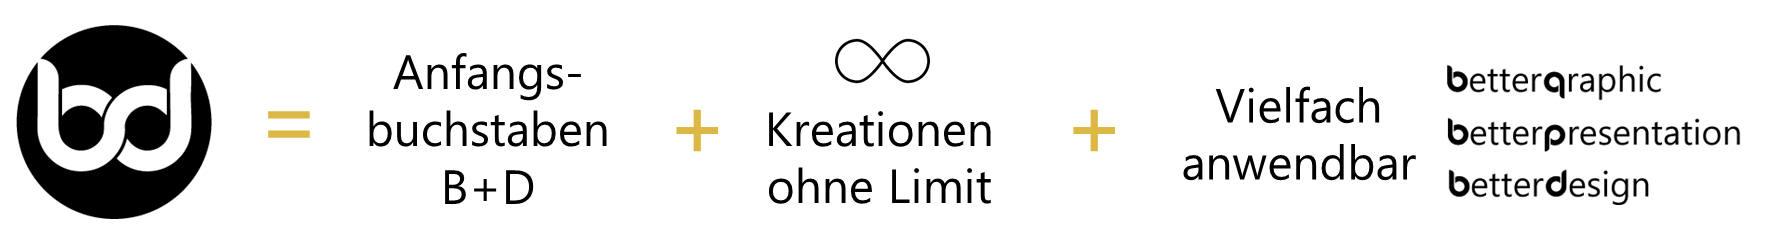 Logodesign - Bitterdesign